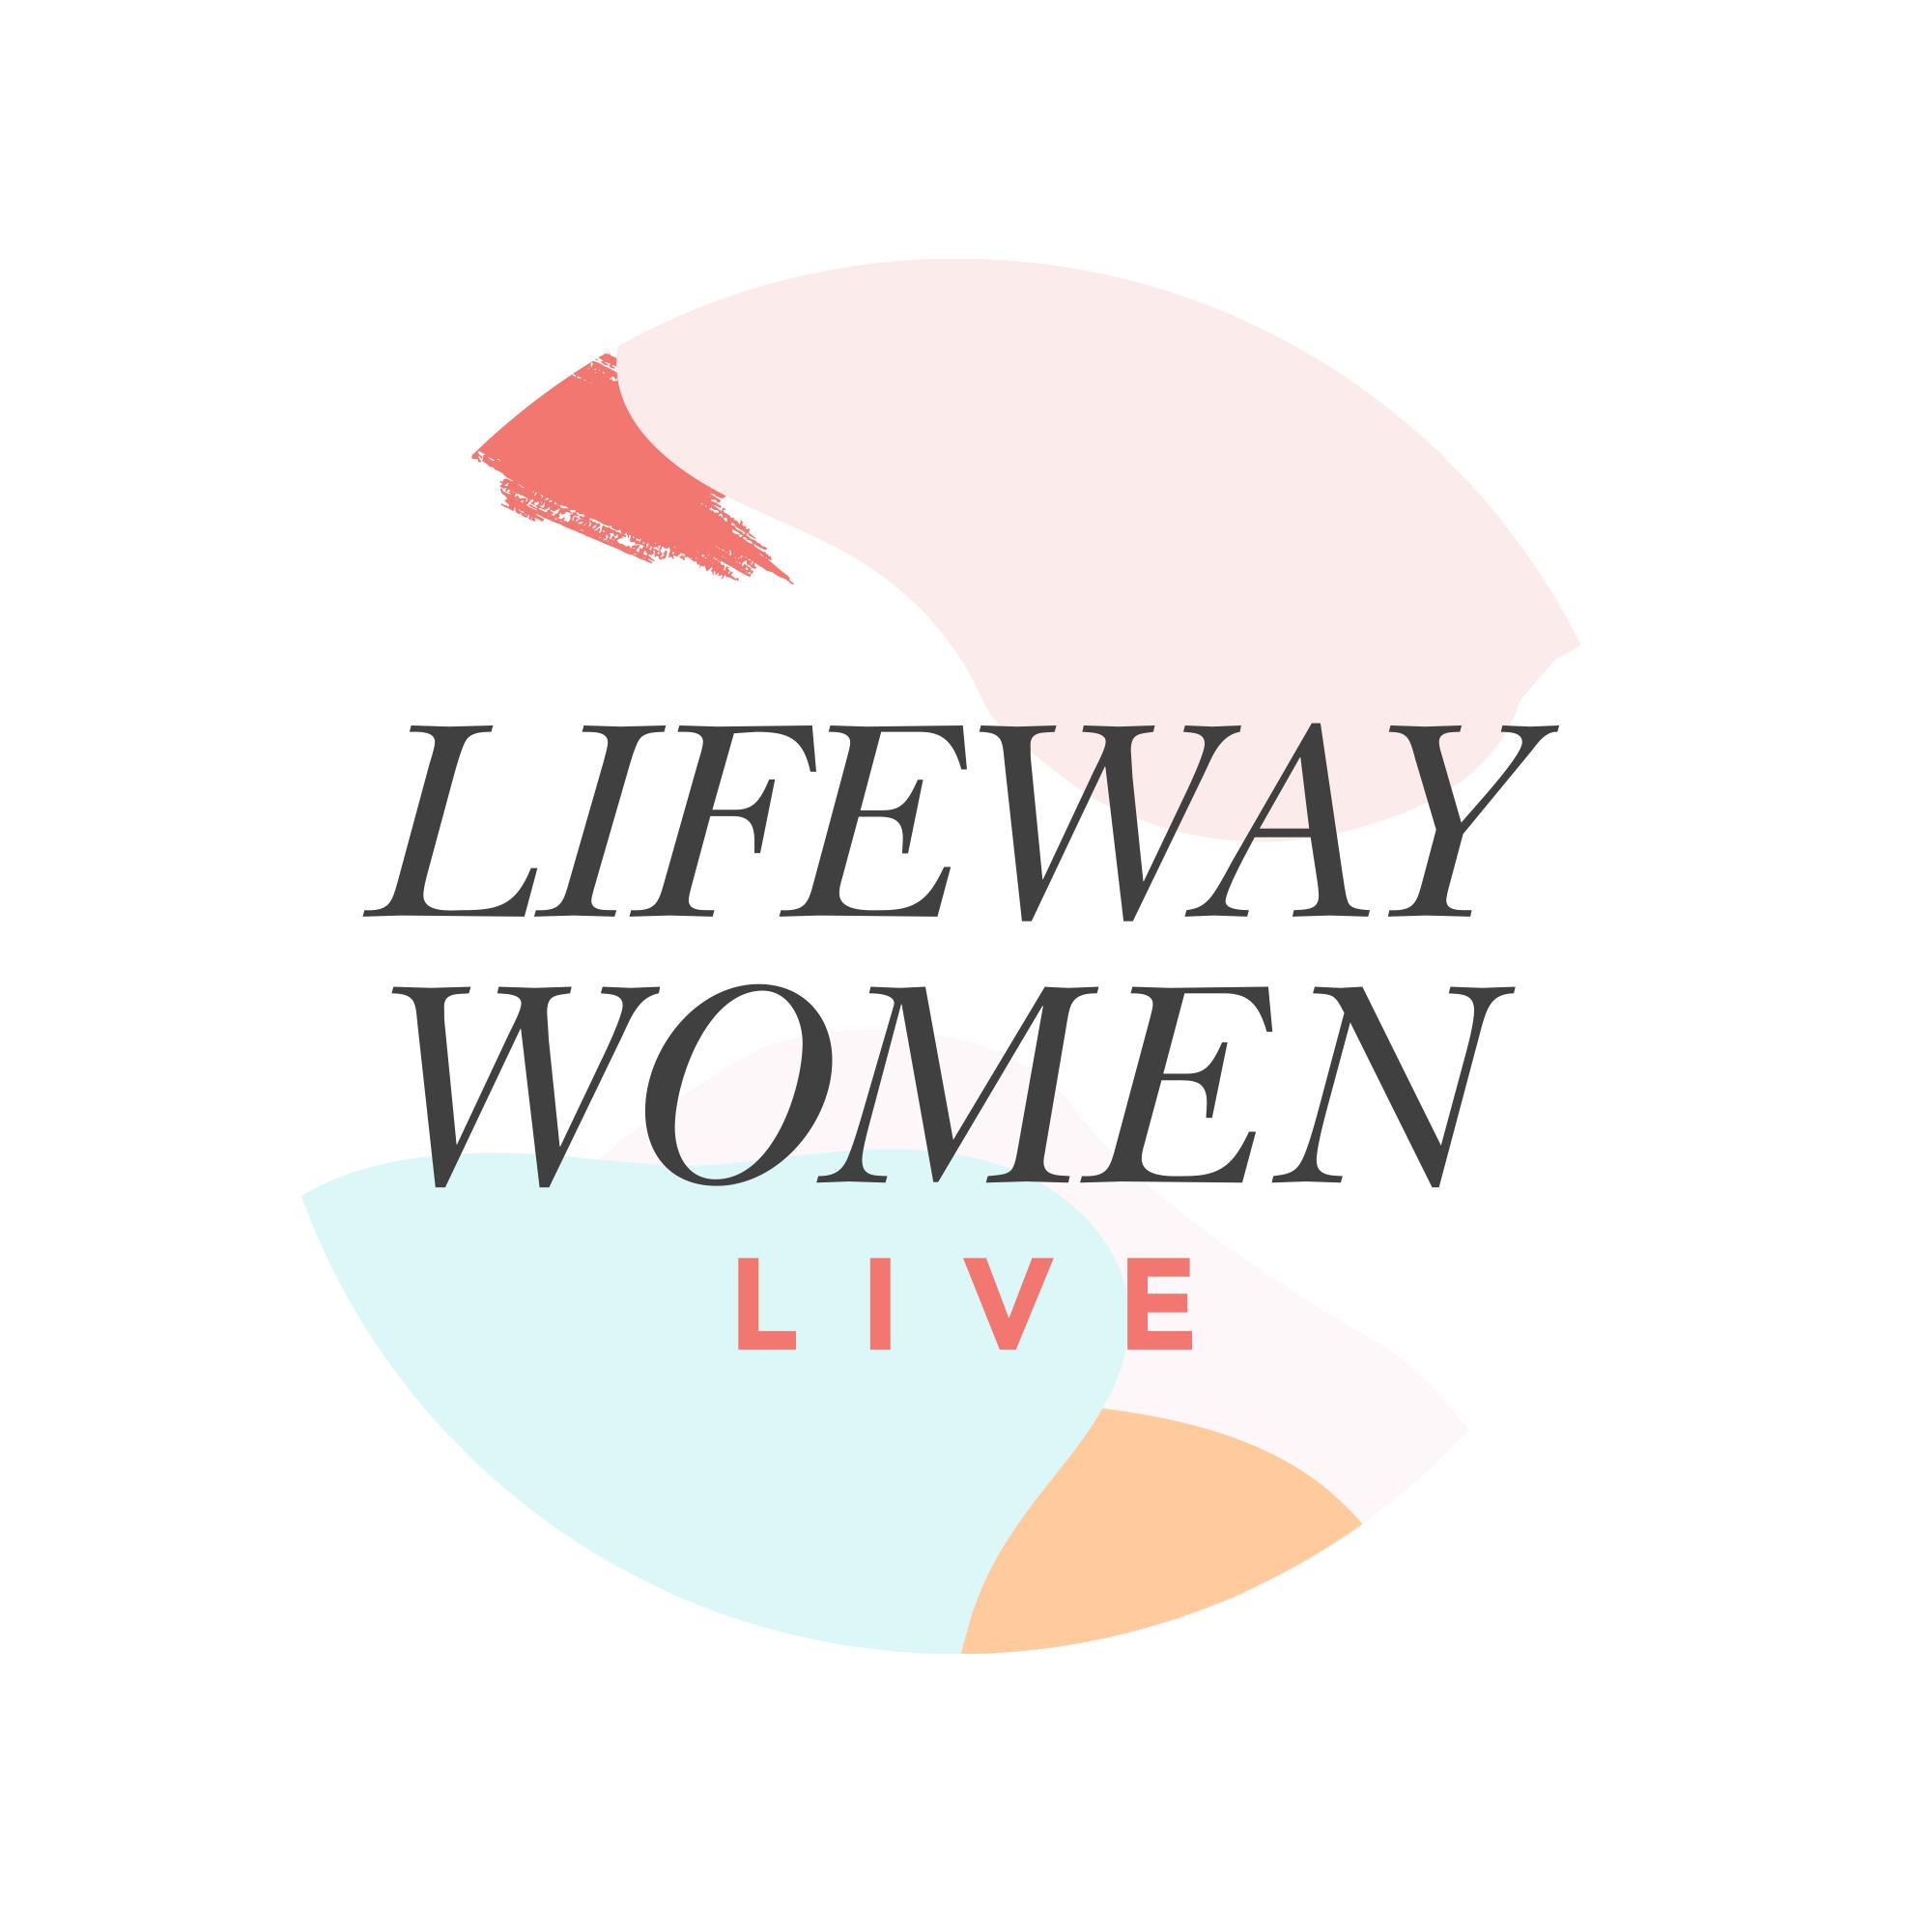 LifeWay Women Live